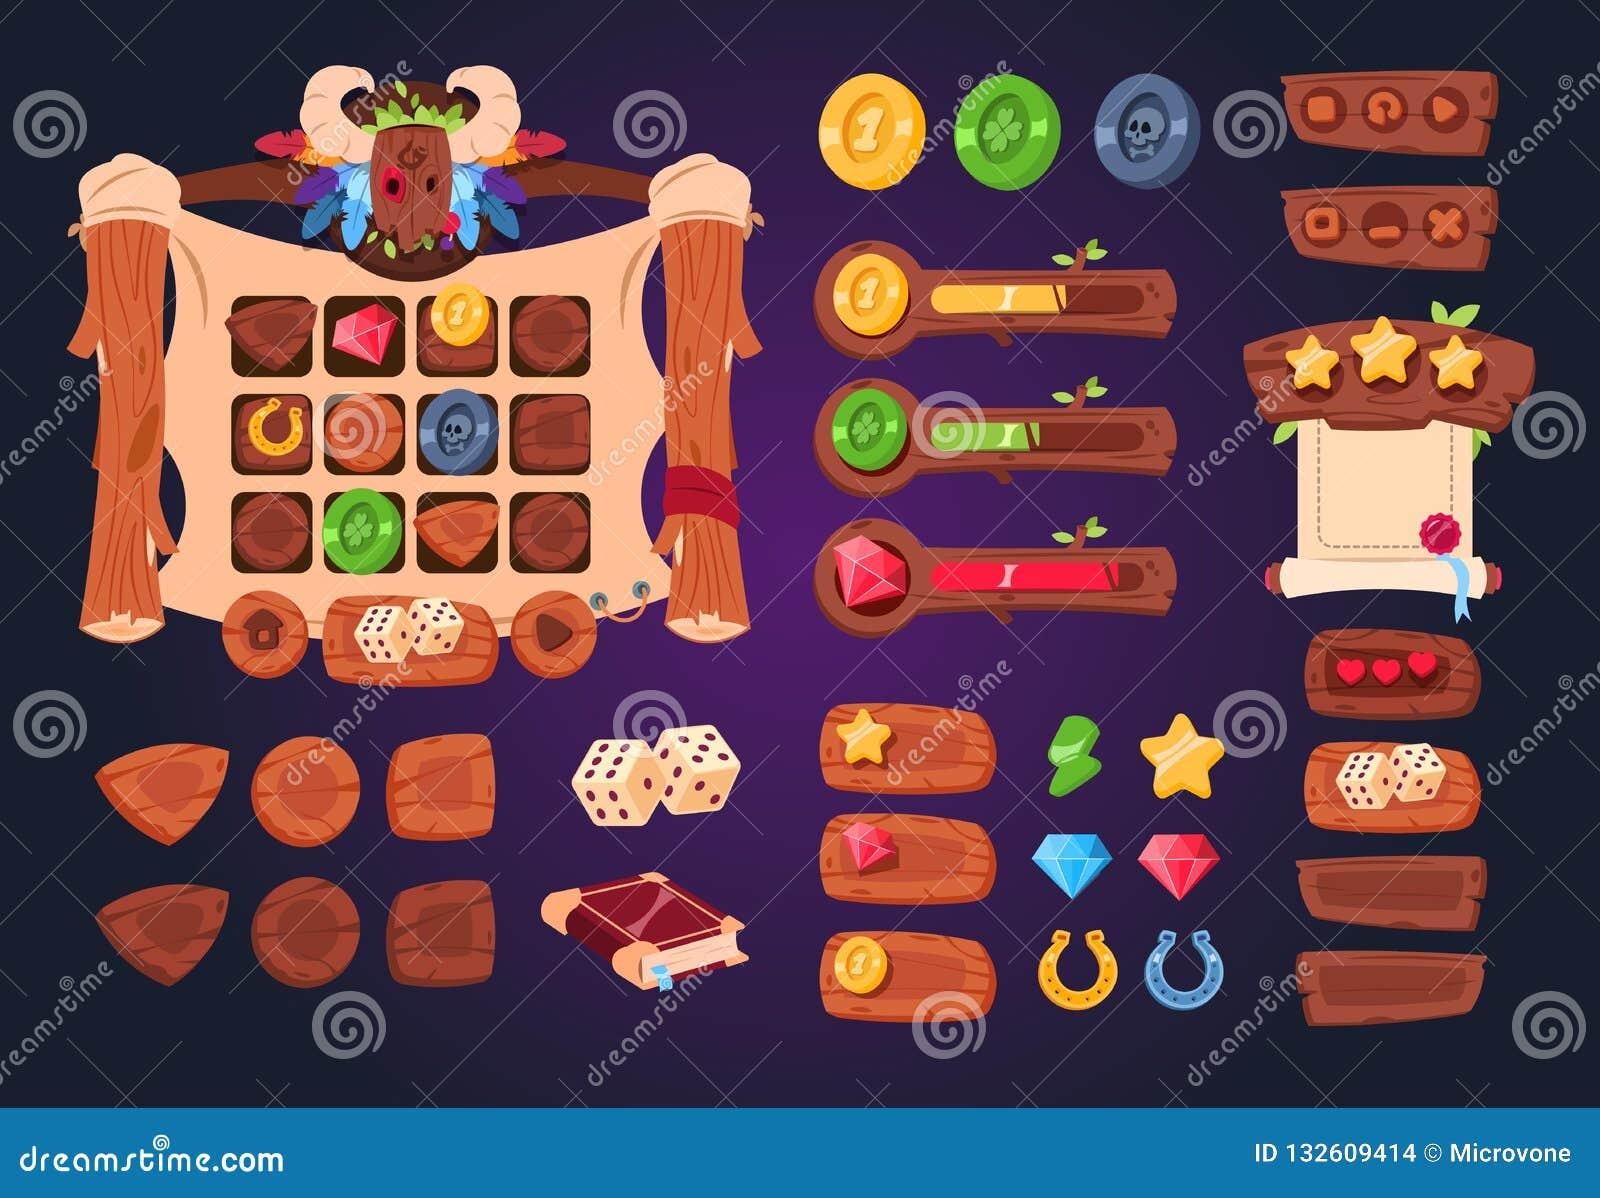 Παιχνίδι κινούμενων σχεδίων ui Ξύλινοι κουμπιά, ολισθαίνοντες ρυθμιστές και εικονίδια Διεπαφή για τα 2$α παιχνίδια, app διανυσματ